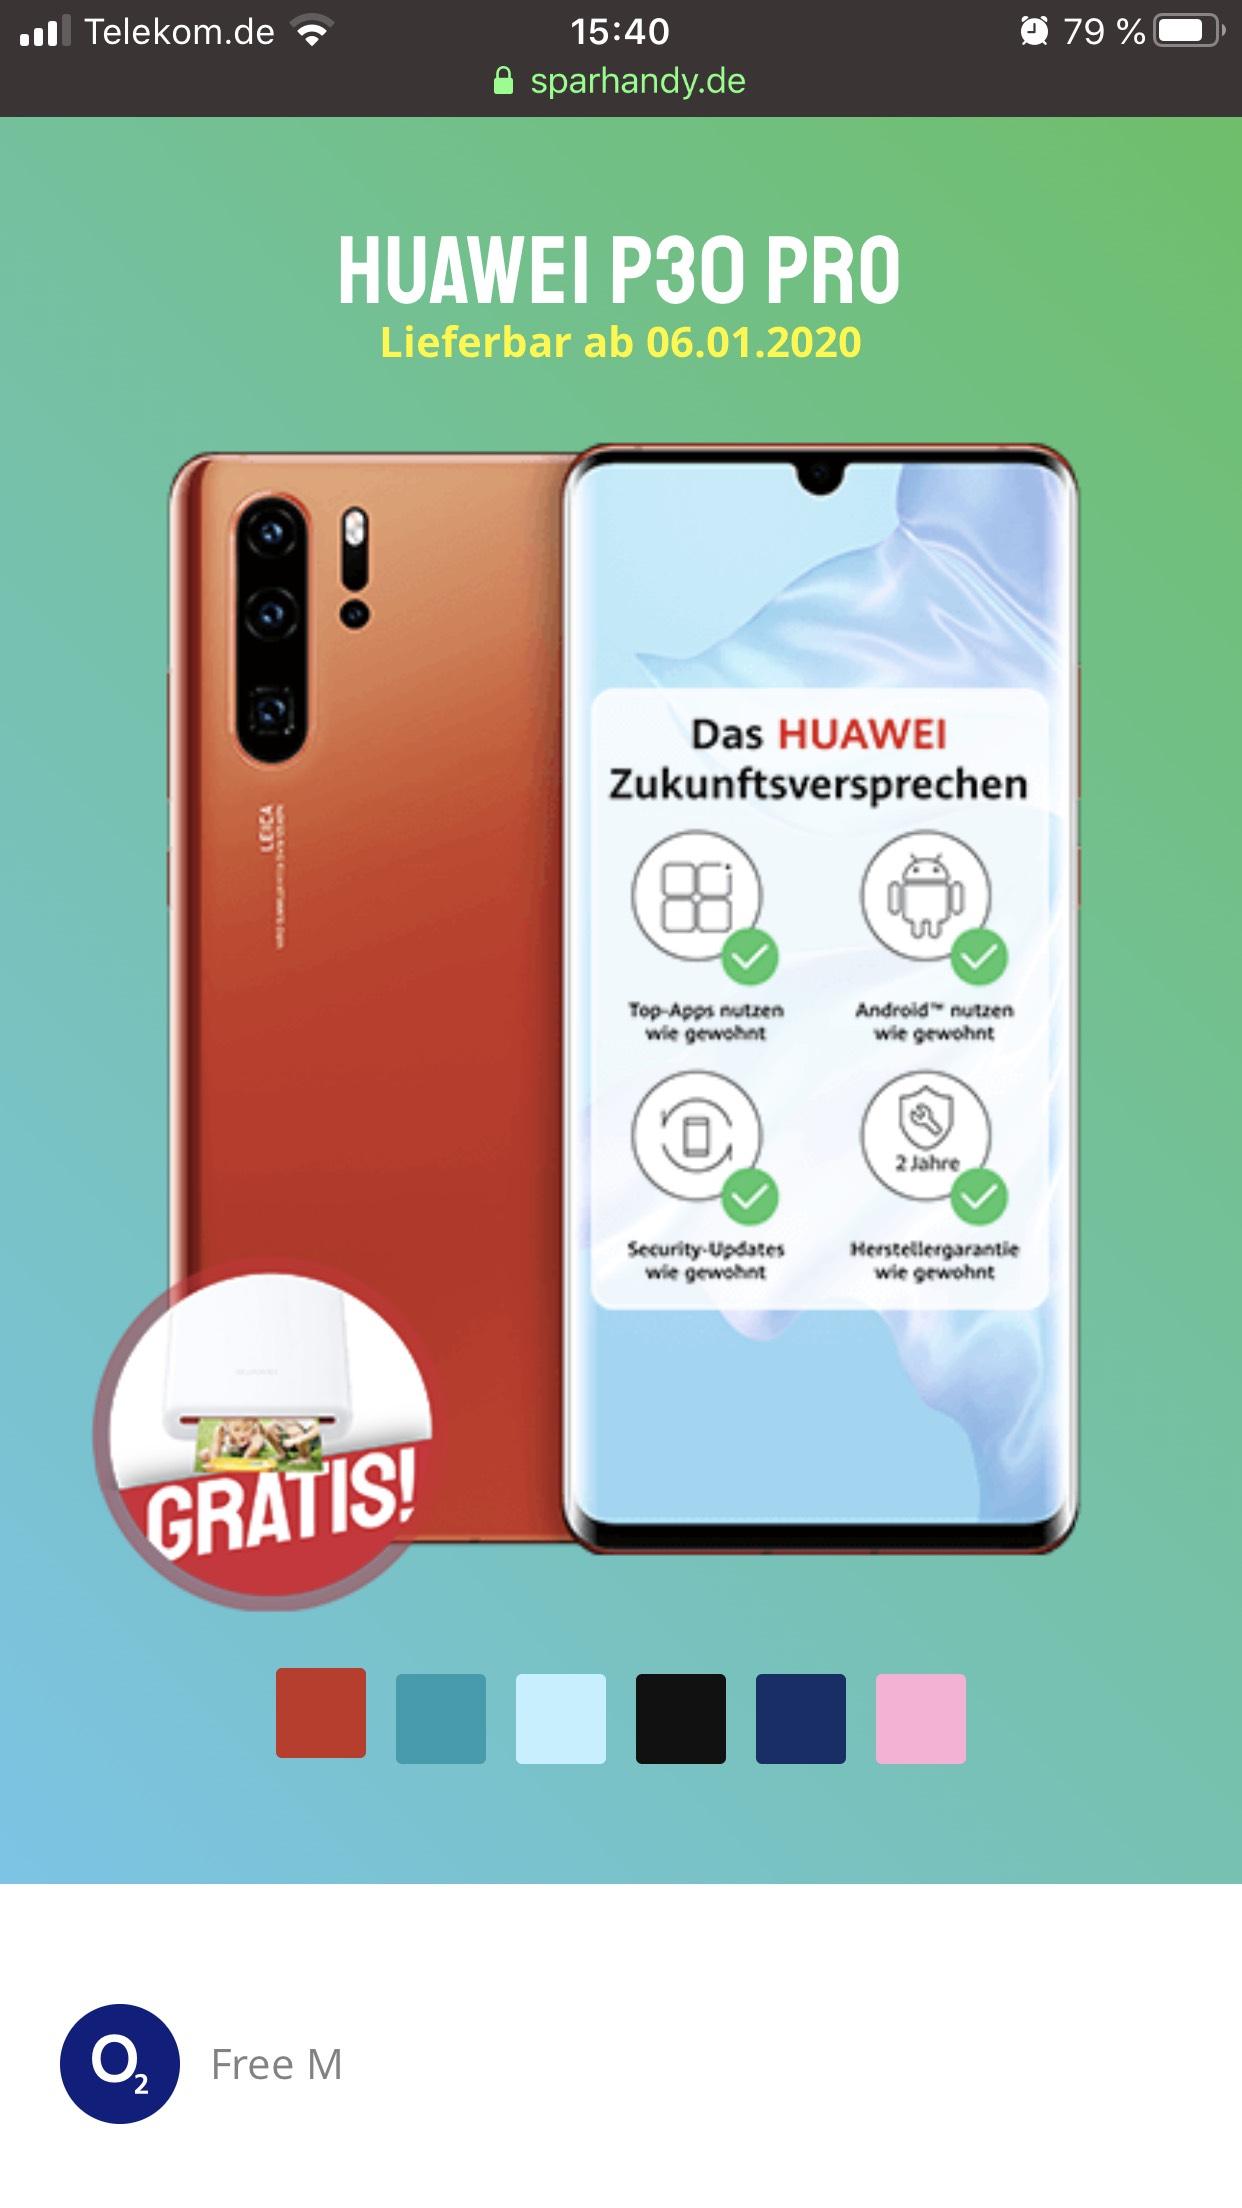 O2 Free M, Huawei P30 Pro, Huawei Photo Printer Gratis dazu